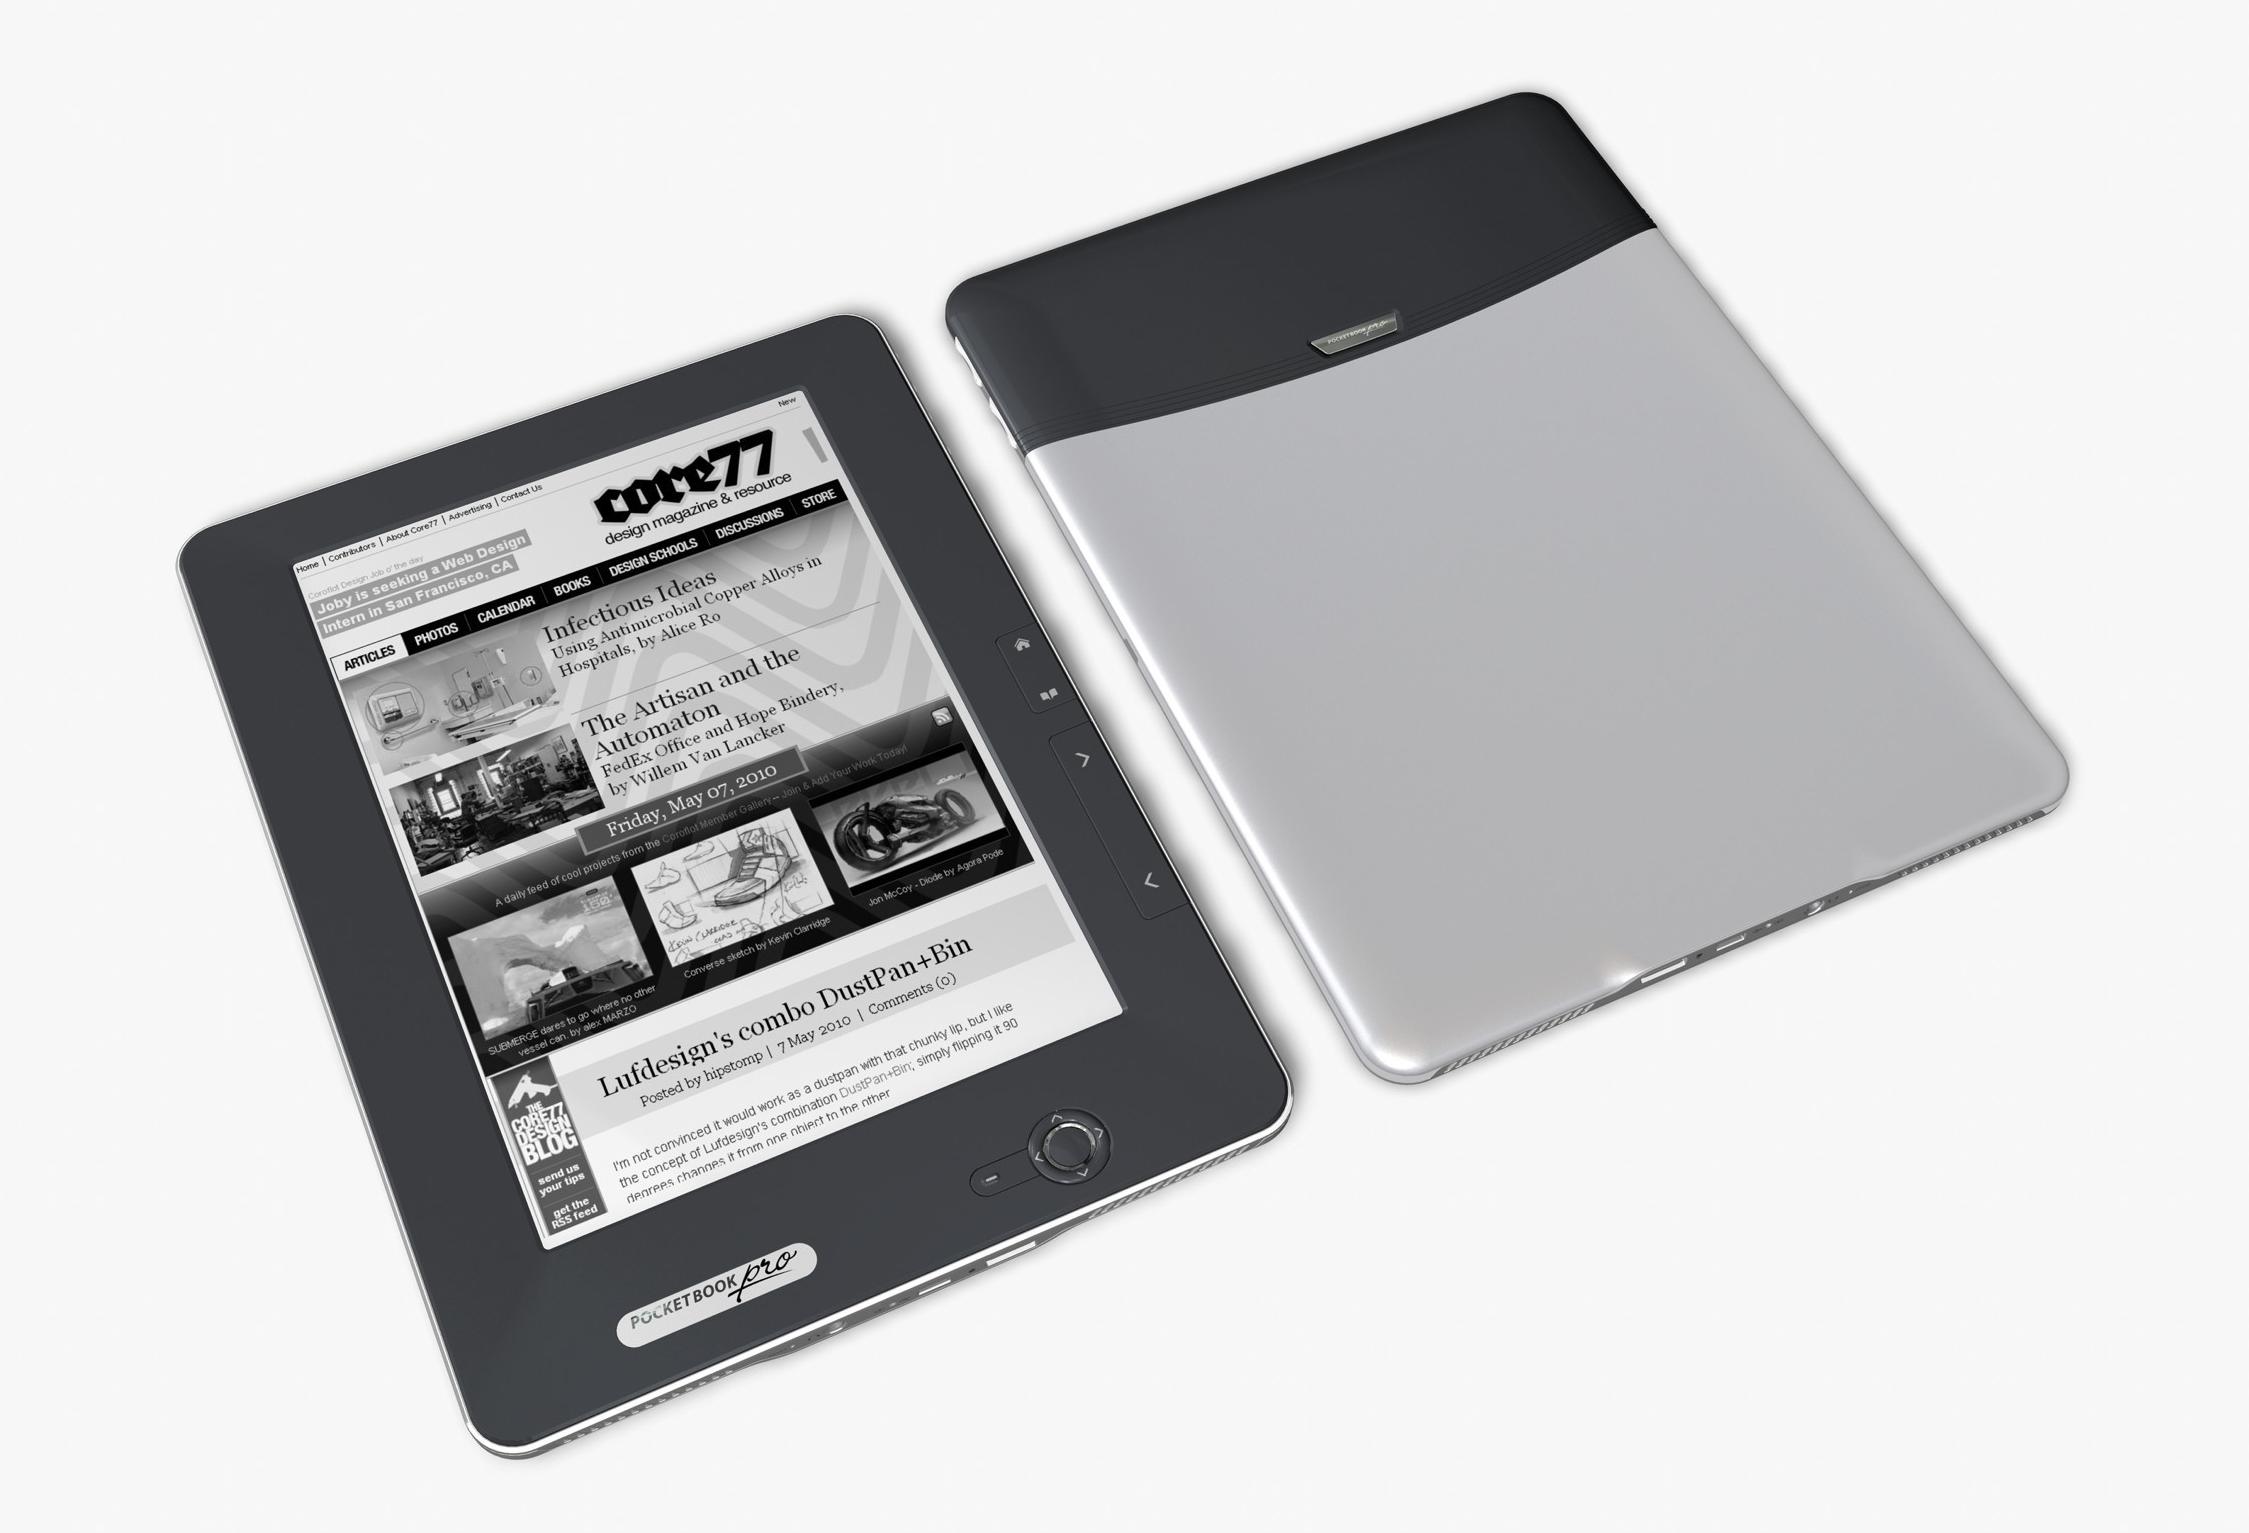 Драйвер Для PocketbookPro 902